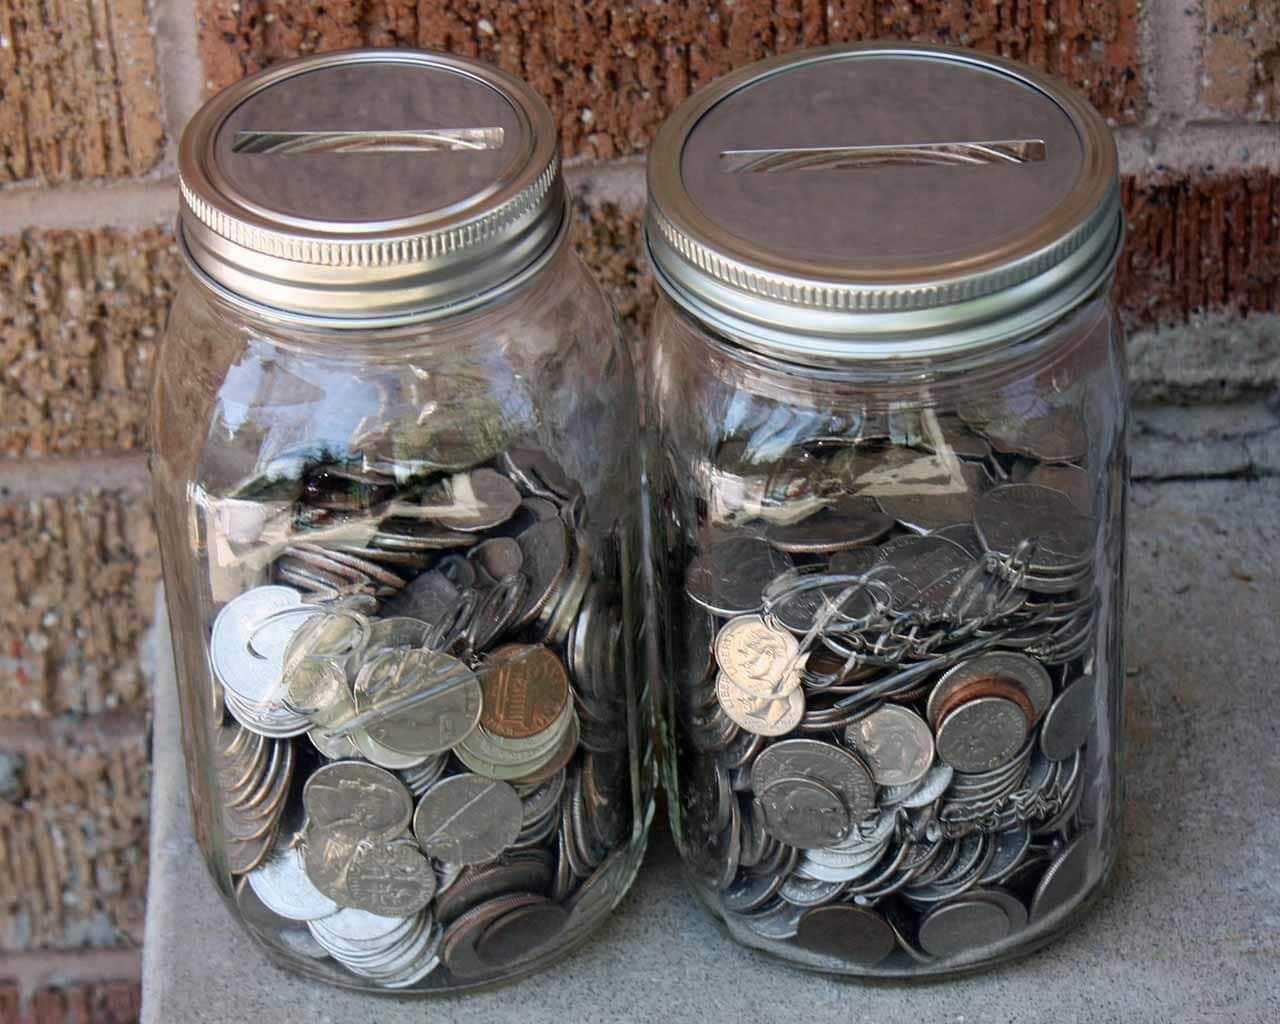 mason jar bank lid in regular or wide mouth coin slot bank. Black Bedroom Furniture Sets. Home Design Ideas